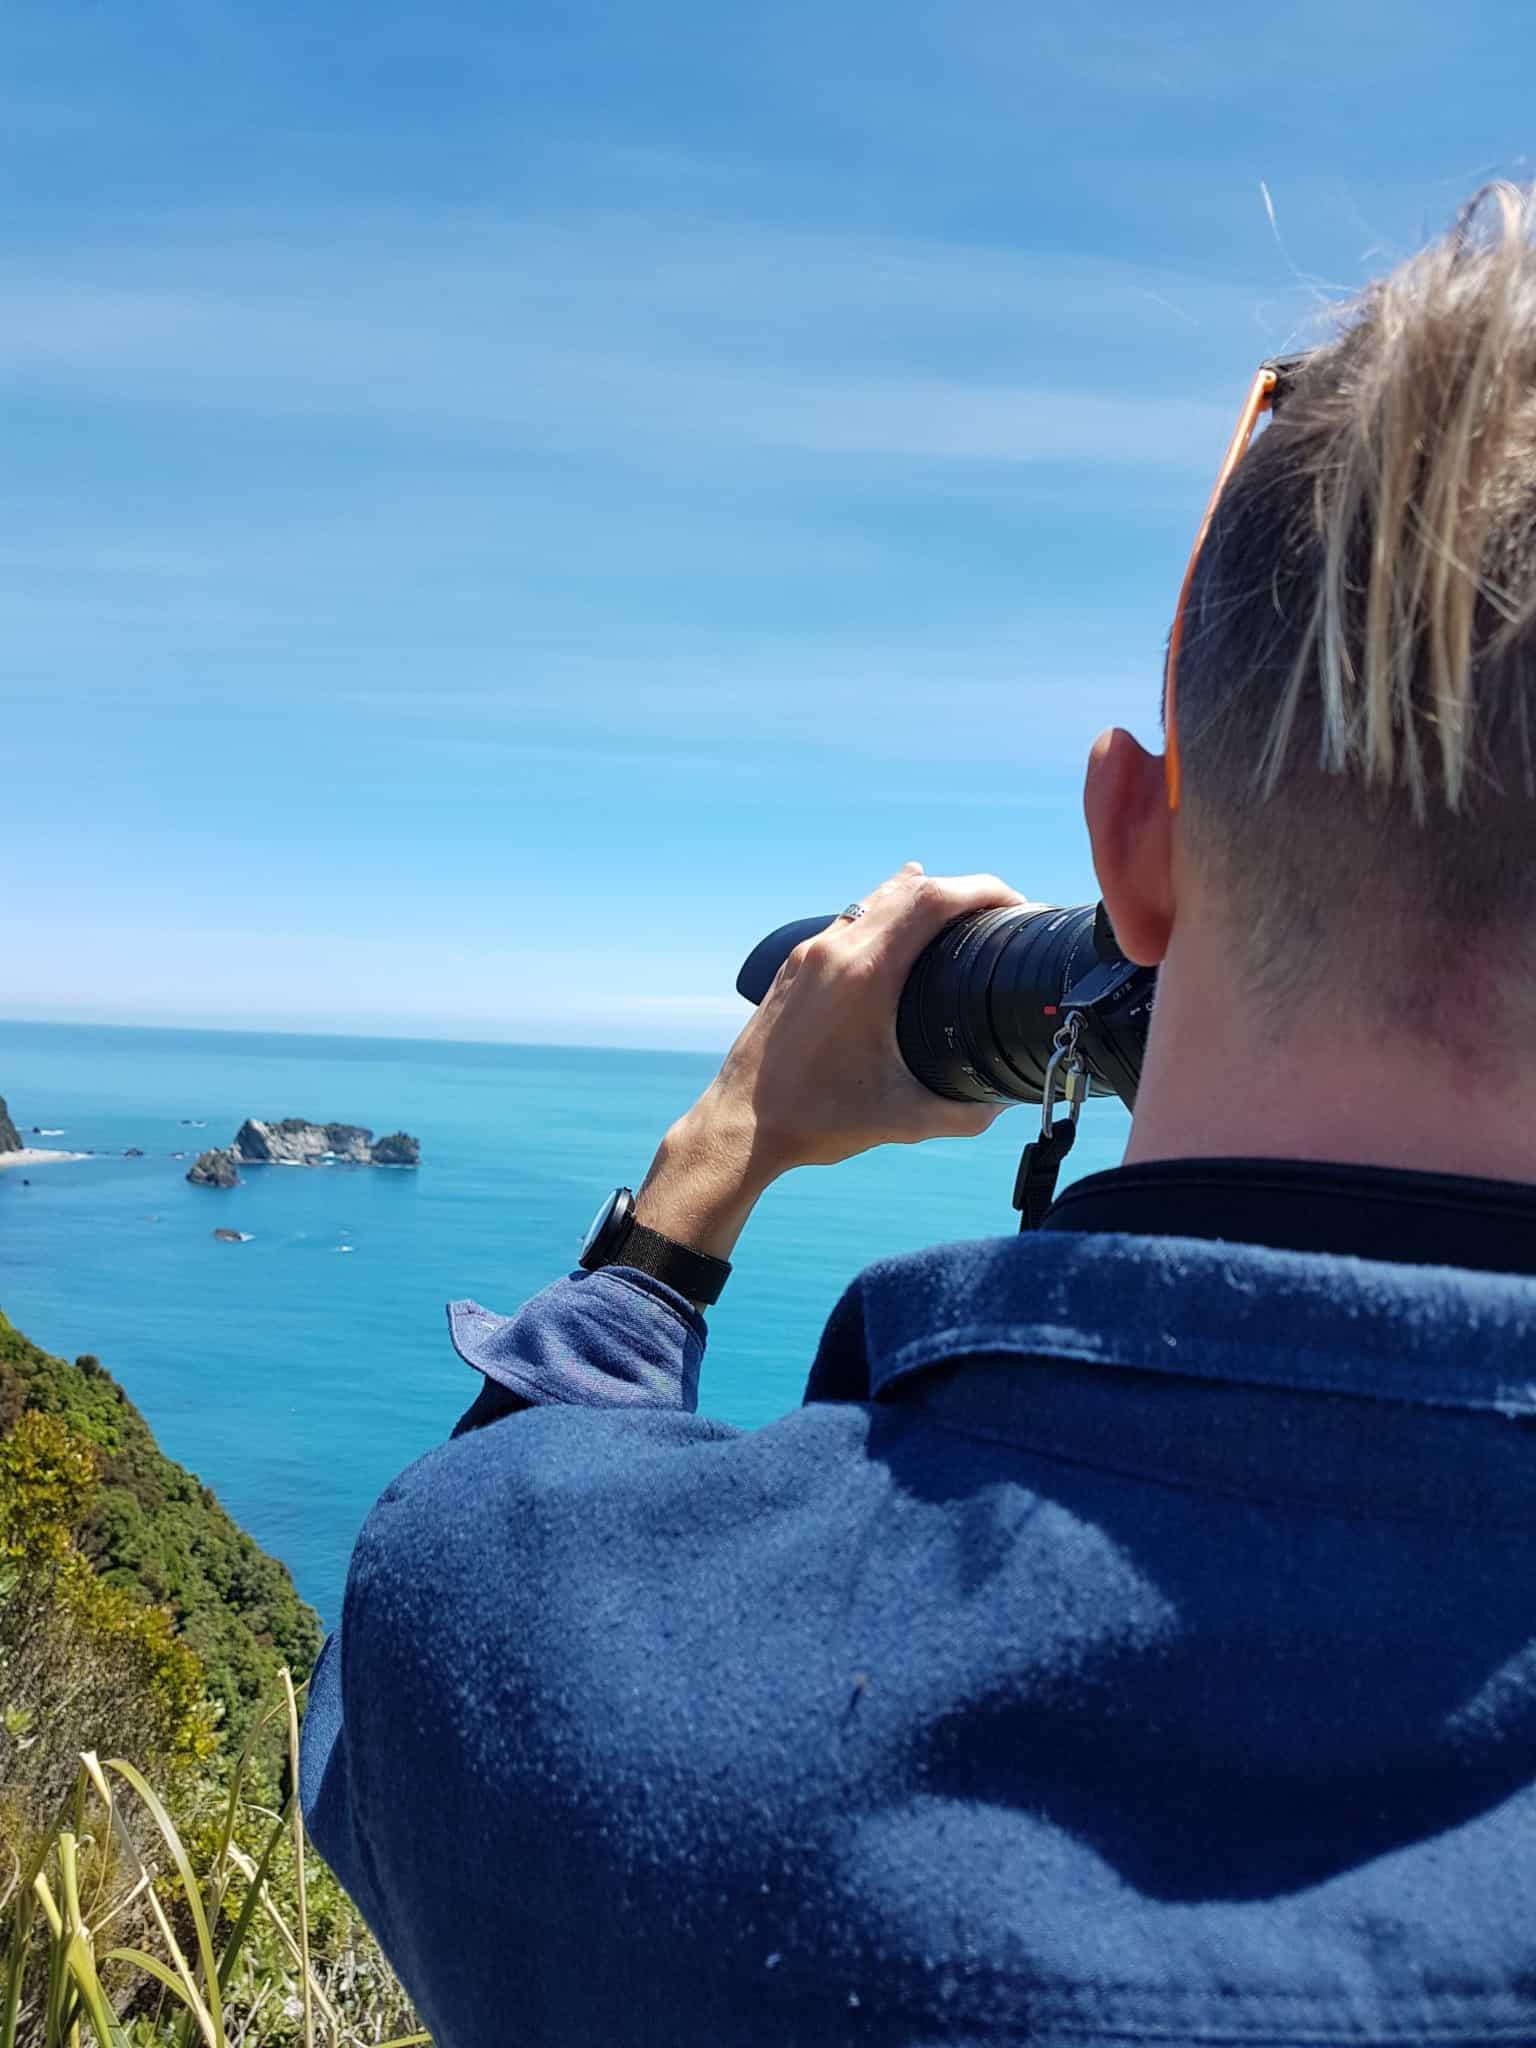 Nouvelle-Zélande, un levé de soleil féerique sur le lac Matheson ☀️ 28